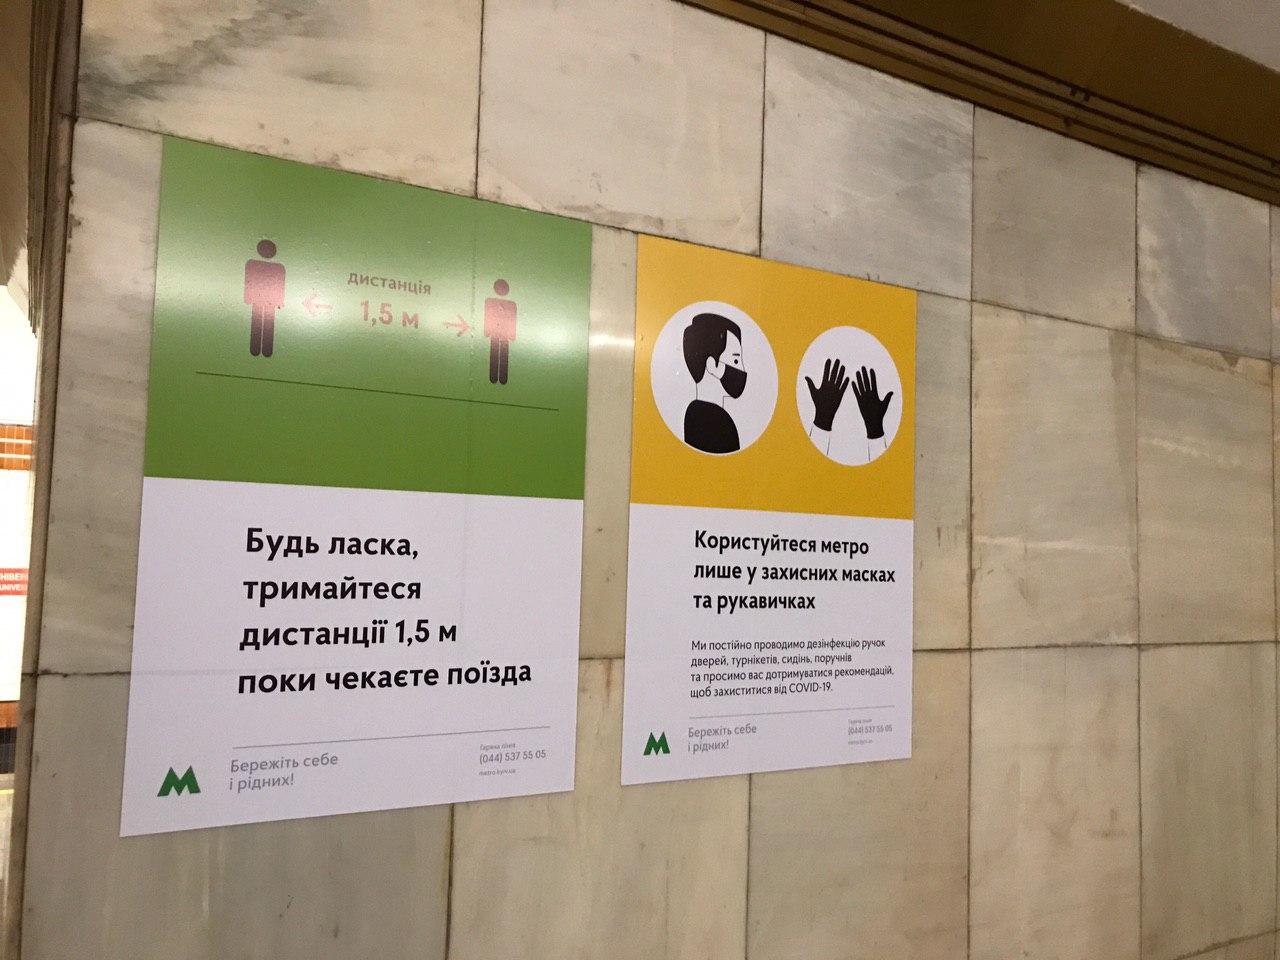 В вестибюлях - плакаты